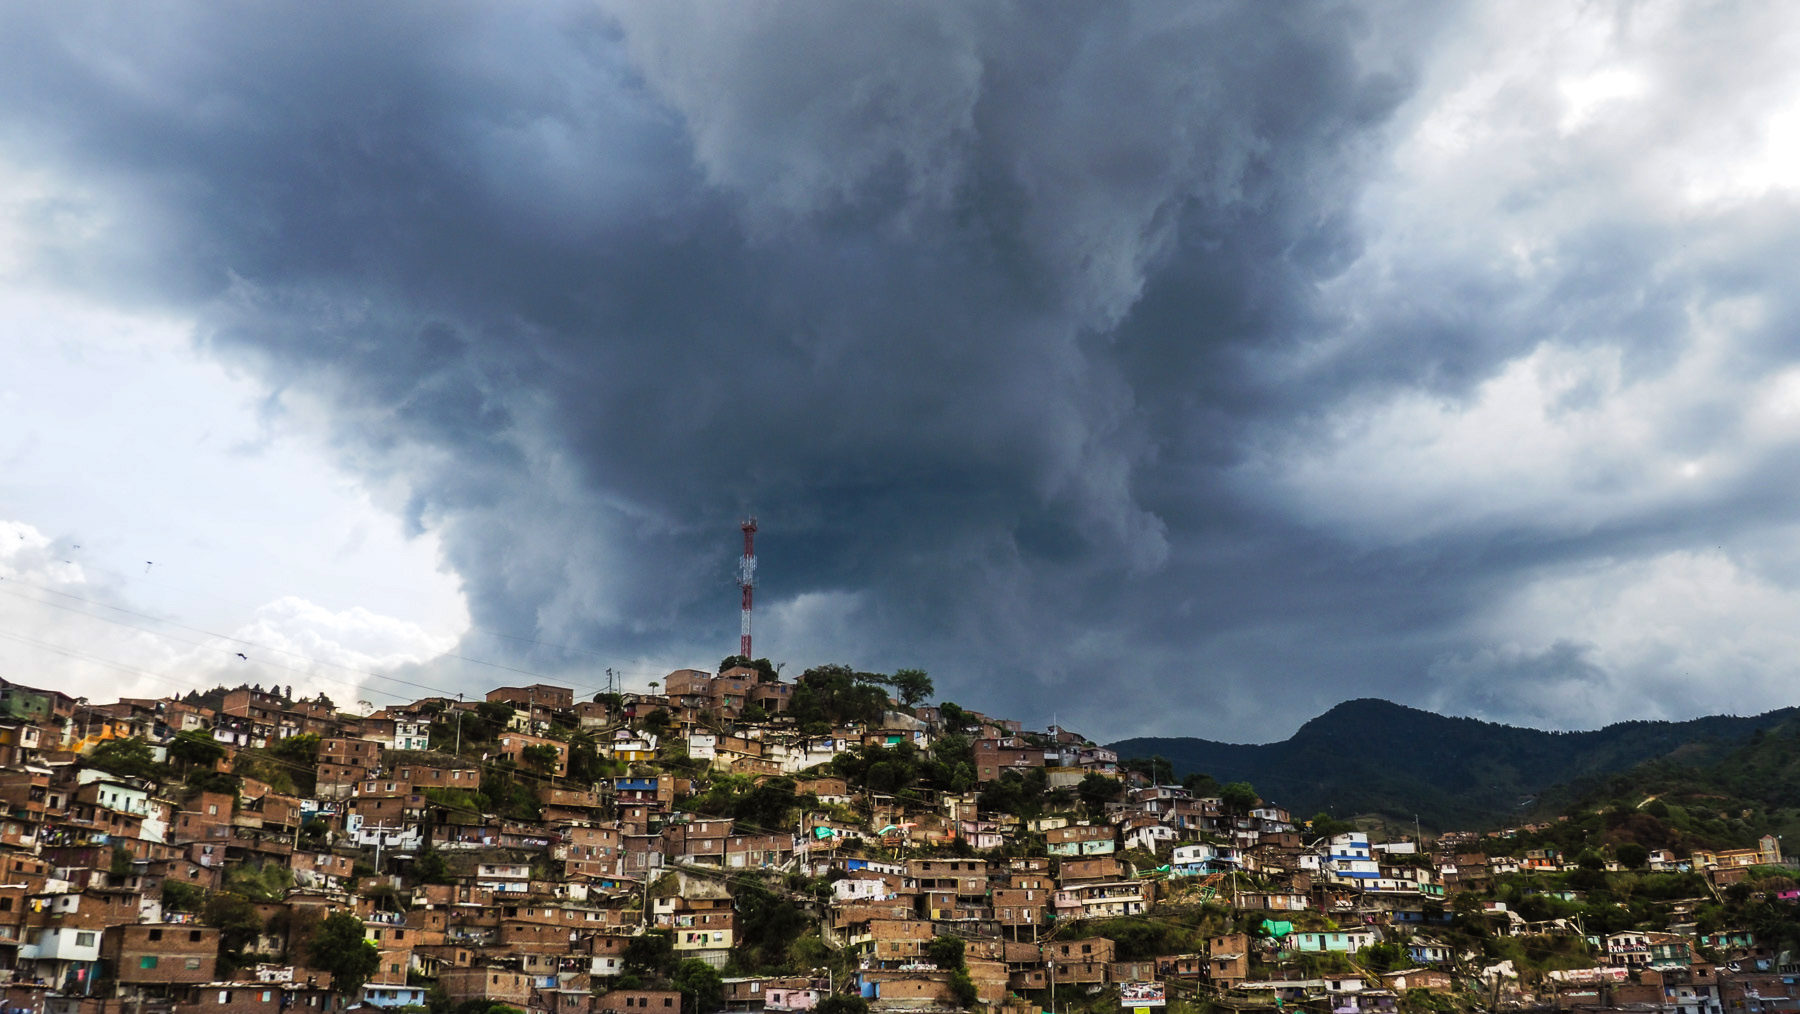 Die illegalen Armenviertel ziehen sich weit die Berghänge hinauf